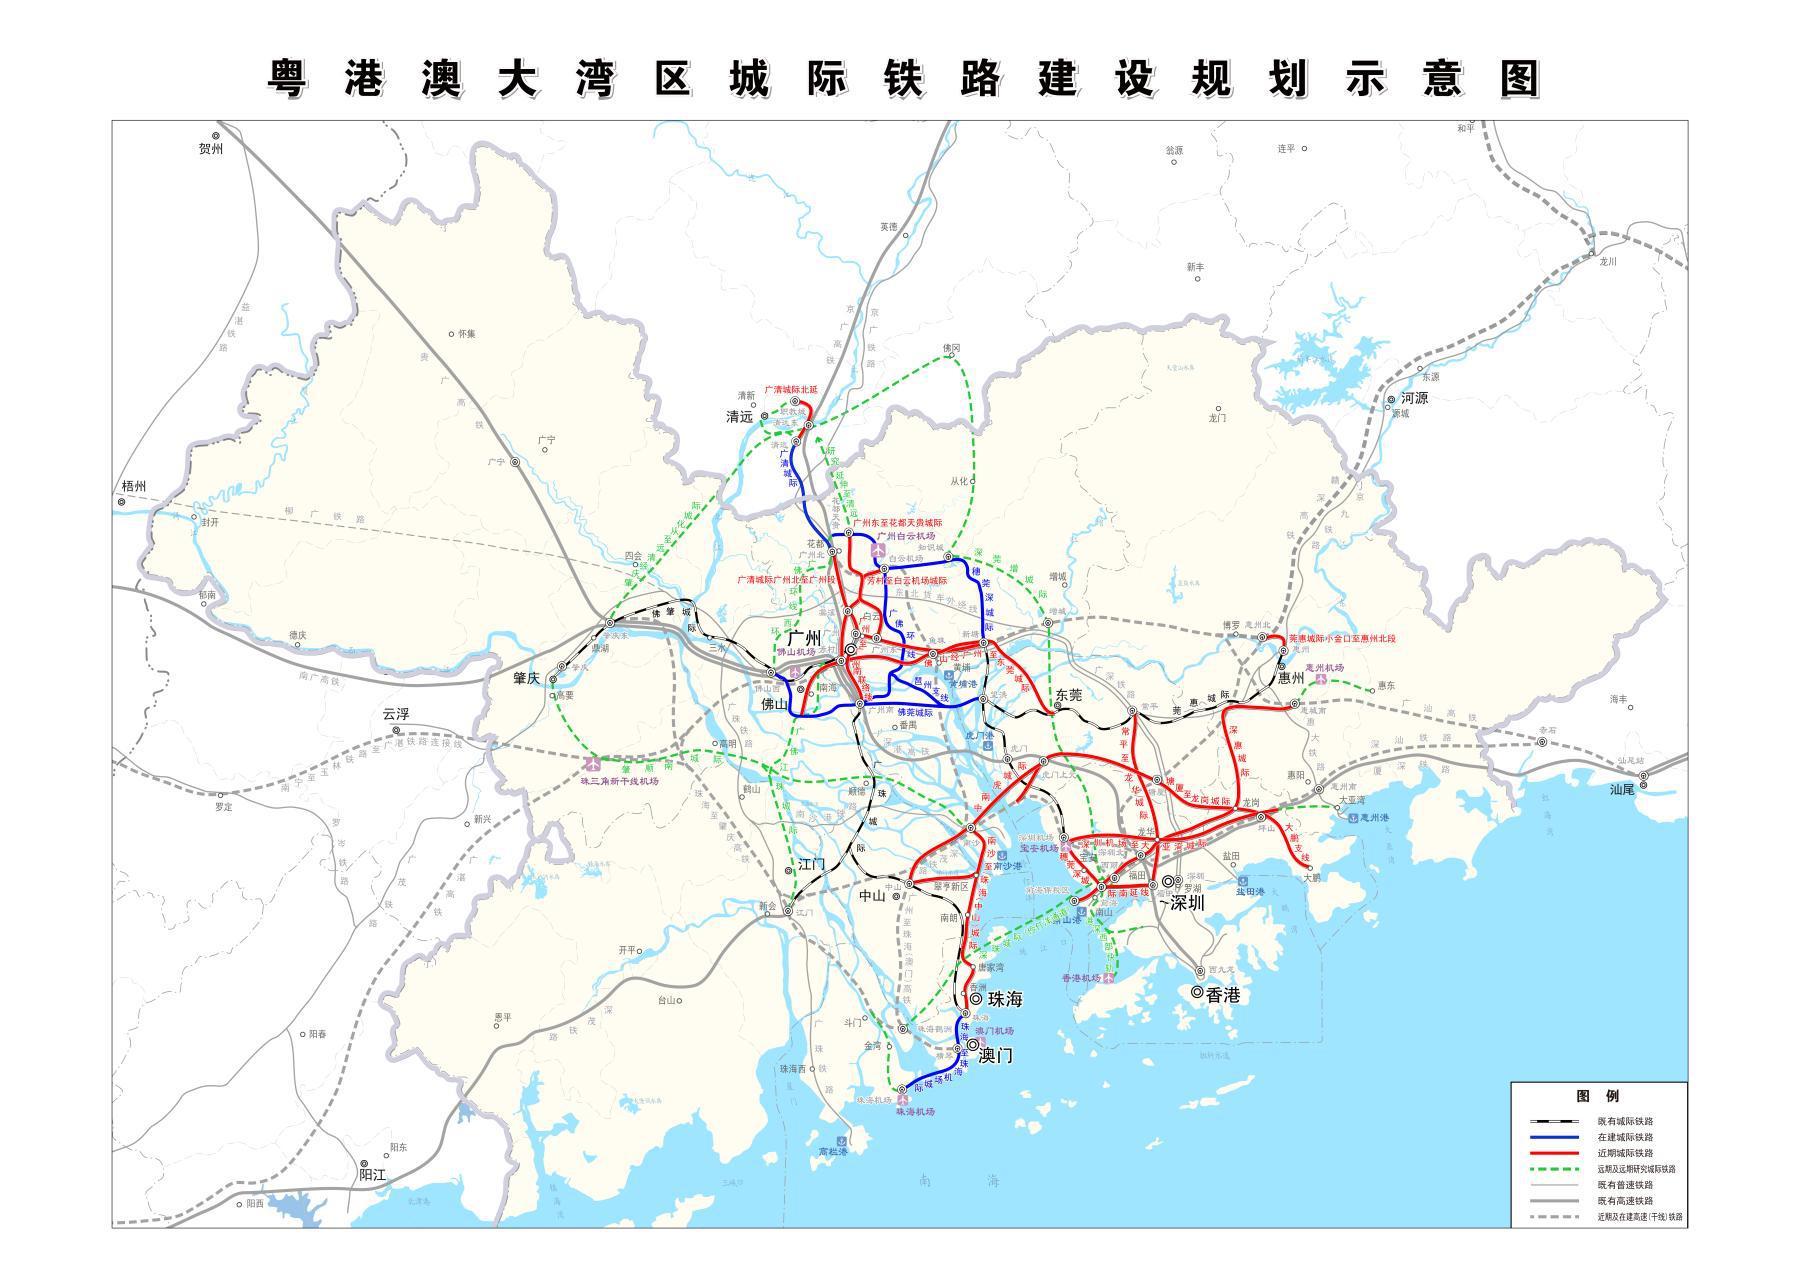 3.粤港澳大湾区城际铁路建设规划示意图.jpg